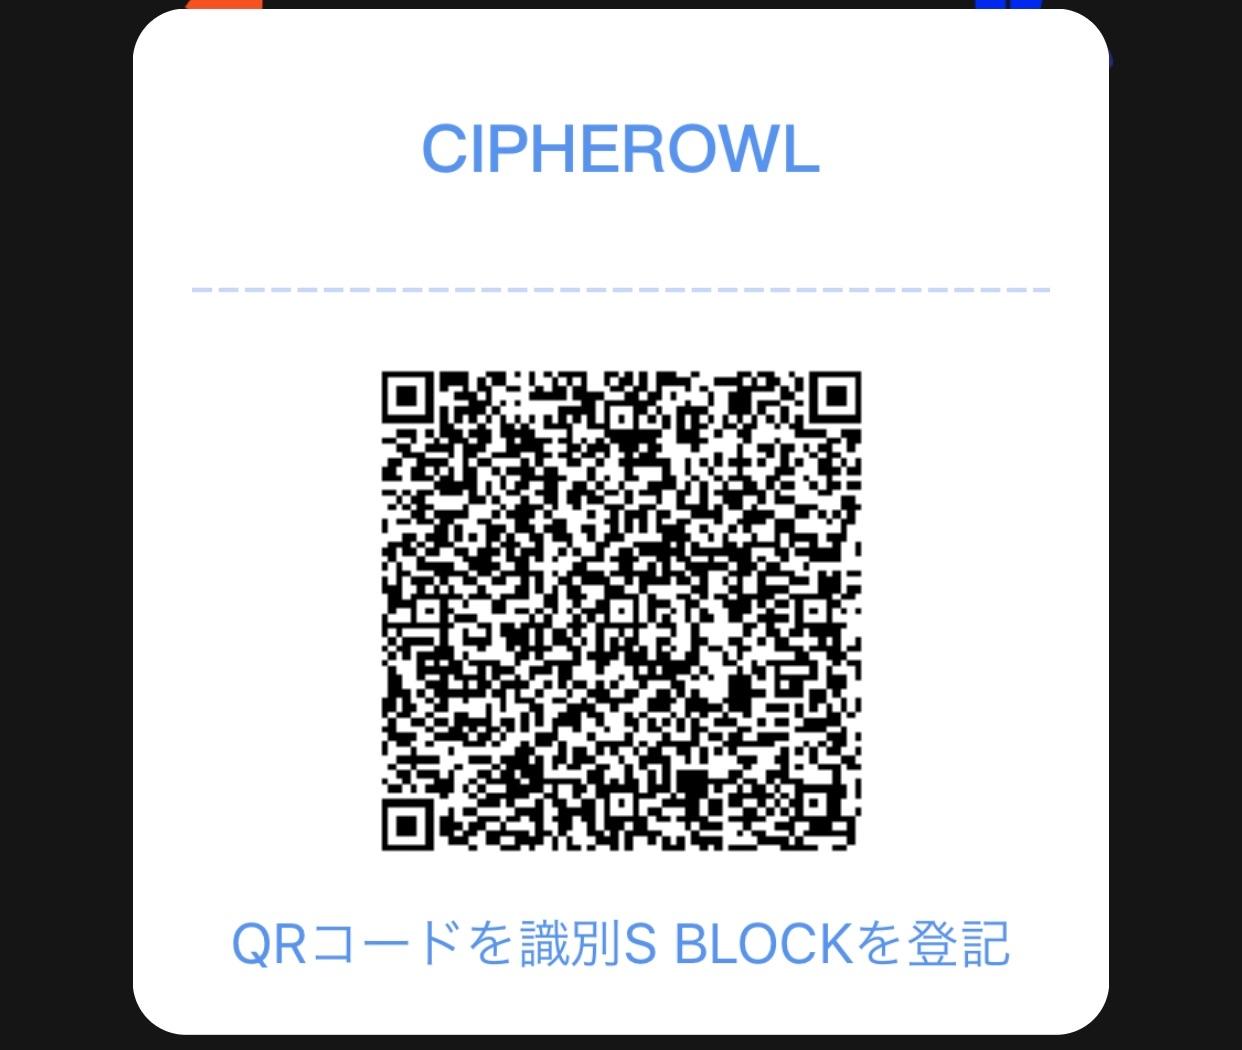 f:id:CipherOwl:20190619195252j:image